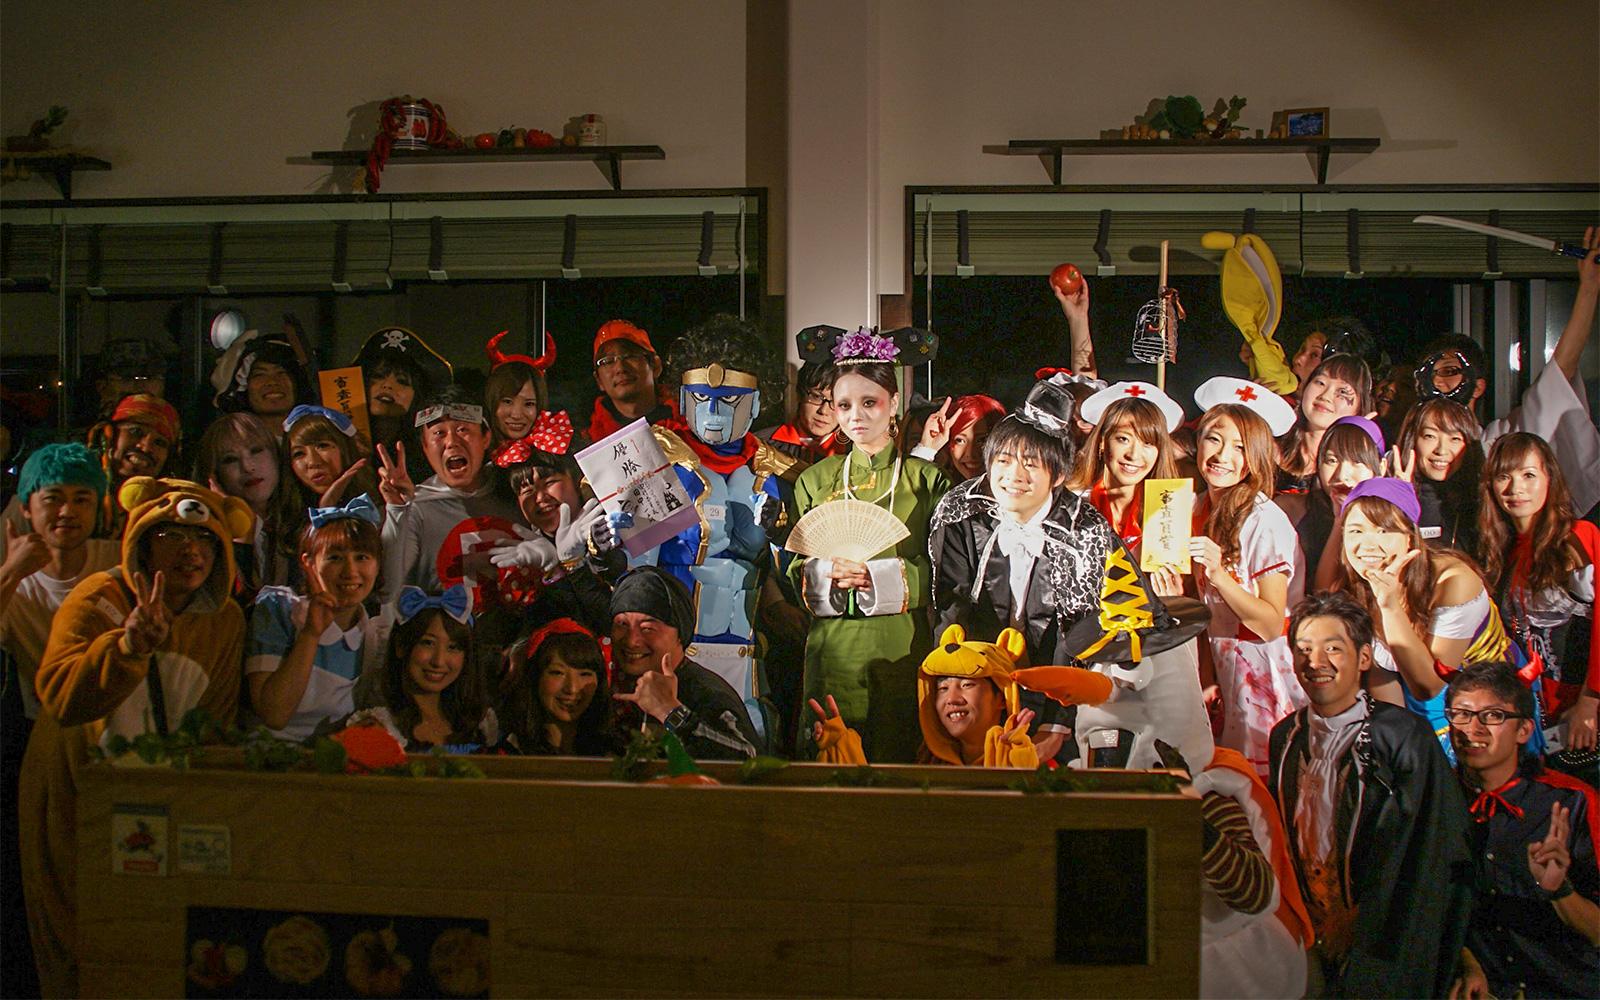 にいつハロウィン仮装まつり presents ナイトパーティー in けやき通り 参加者募集!